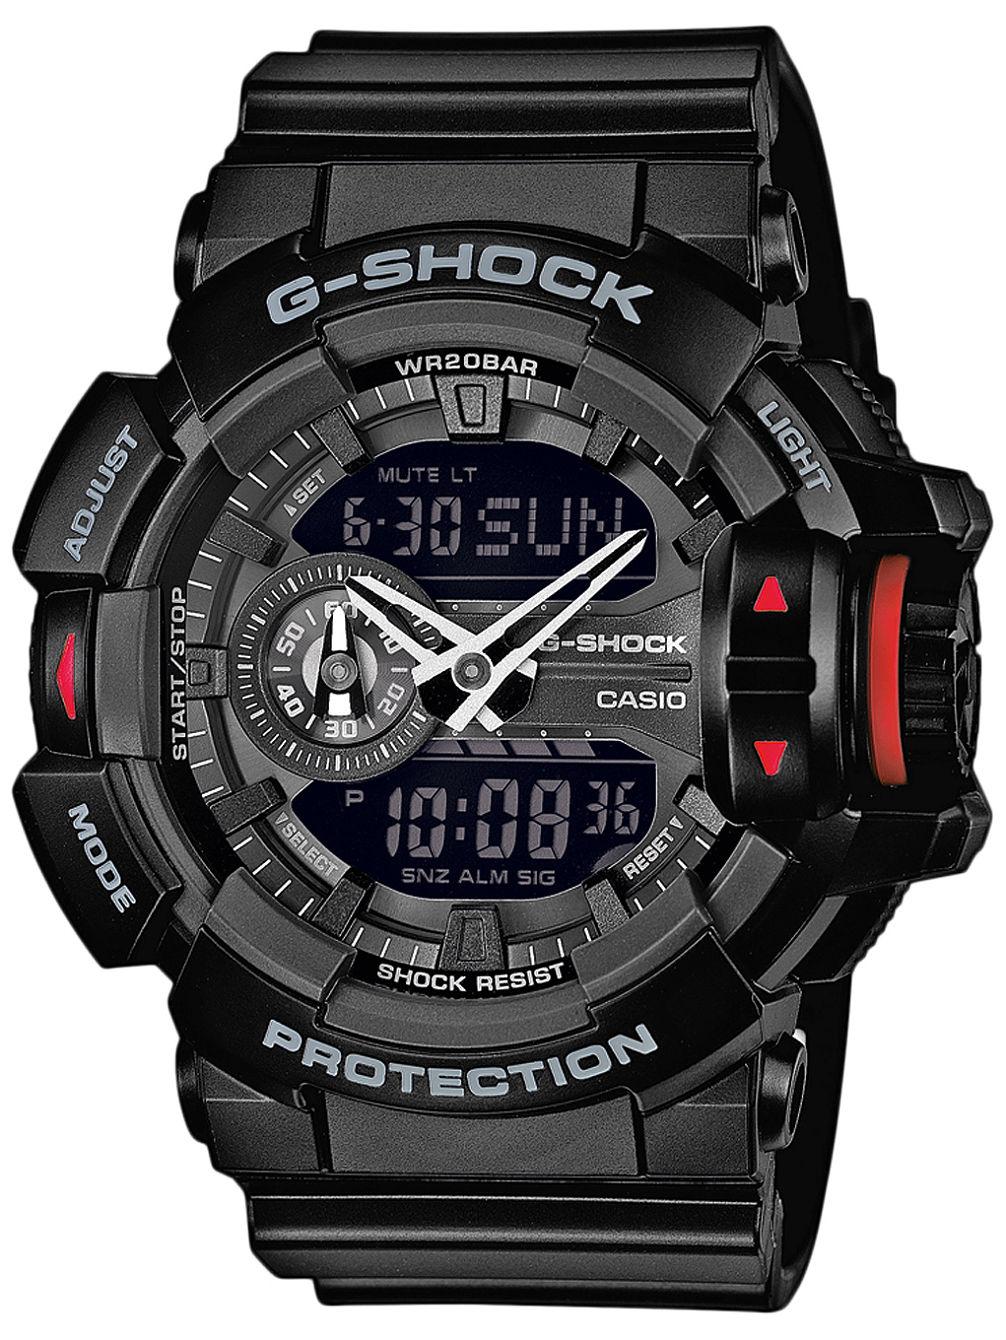 g-shock-ga-400-1ber